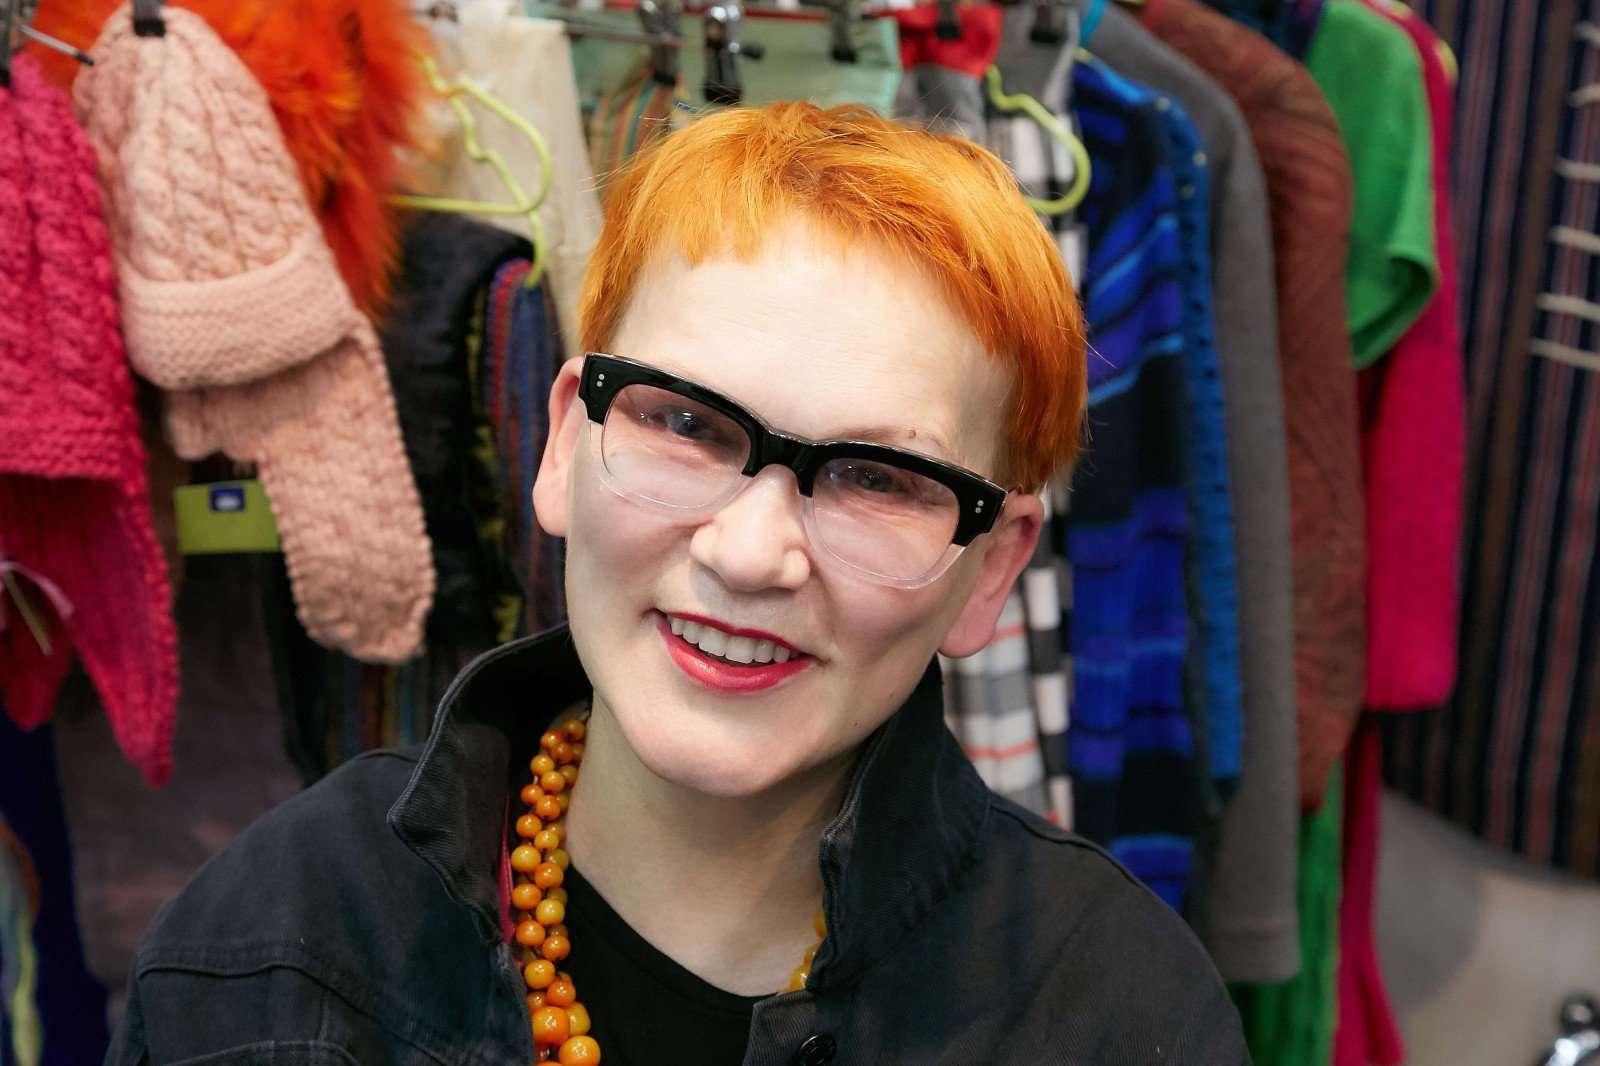 Коллекционеры и дизайнеры, путешественники и авангардисты: в Москве пройдет 25-я выставка-ярмарка «Бижутерия от винтажа до наших дней»